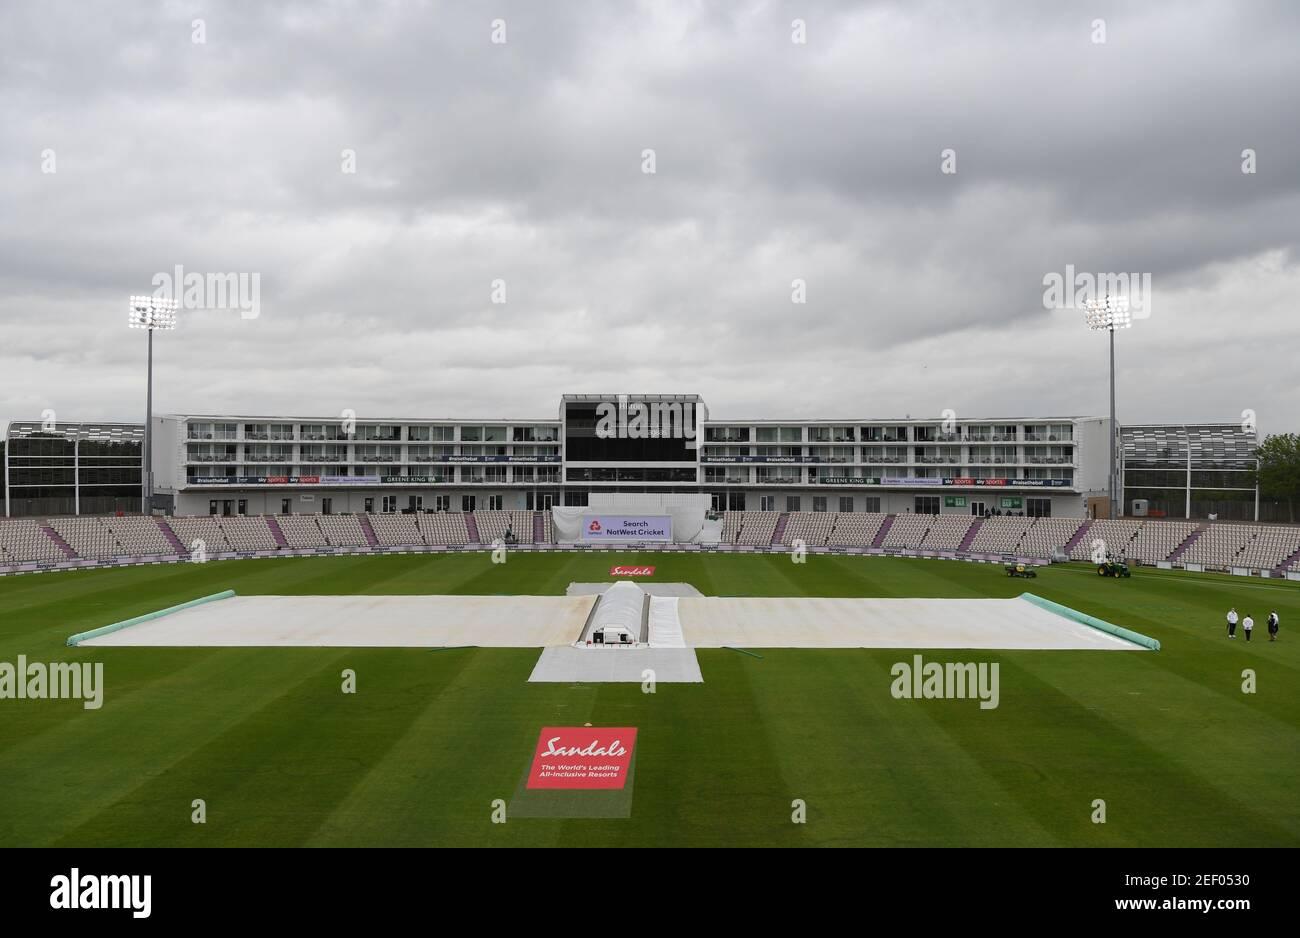 Cricket - First Test - England gegen West Indies - Rose Bowl Cricket Stadium, Southampton, Großbritannien - 8. Juli 2020 EINE allgemeine Ansicht des Platzes während einer Regenverzögerung bedeckt, als Cricket wieder hinter verschlossenen Türen nach dem Ausbruch der Coronavirus-Krankheit (COVID-19) Mike Hewitt/Pool via REUTERS Stockfoto